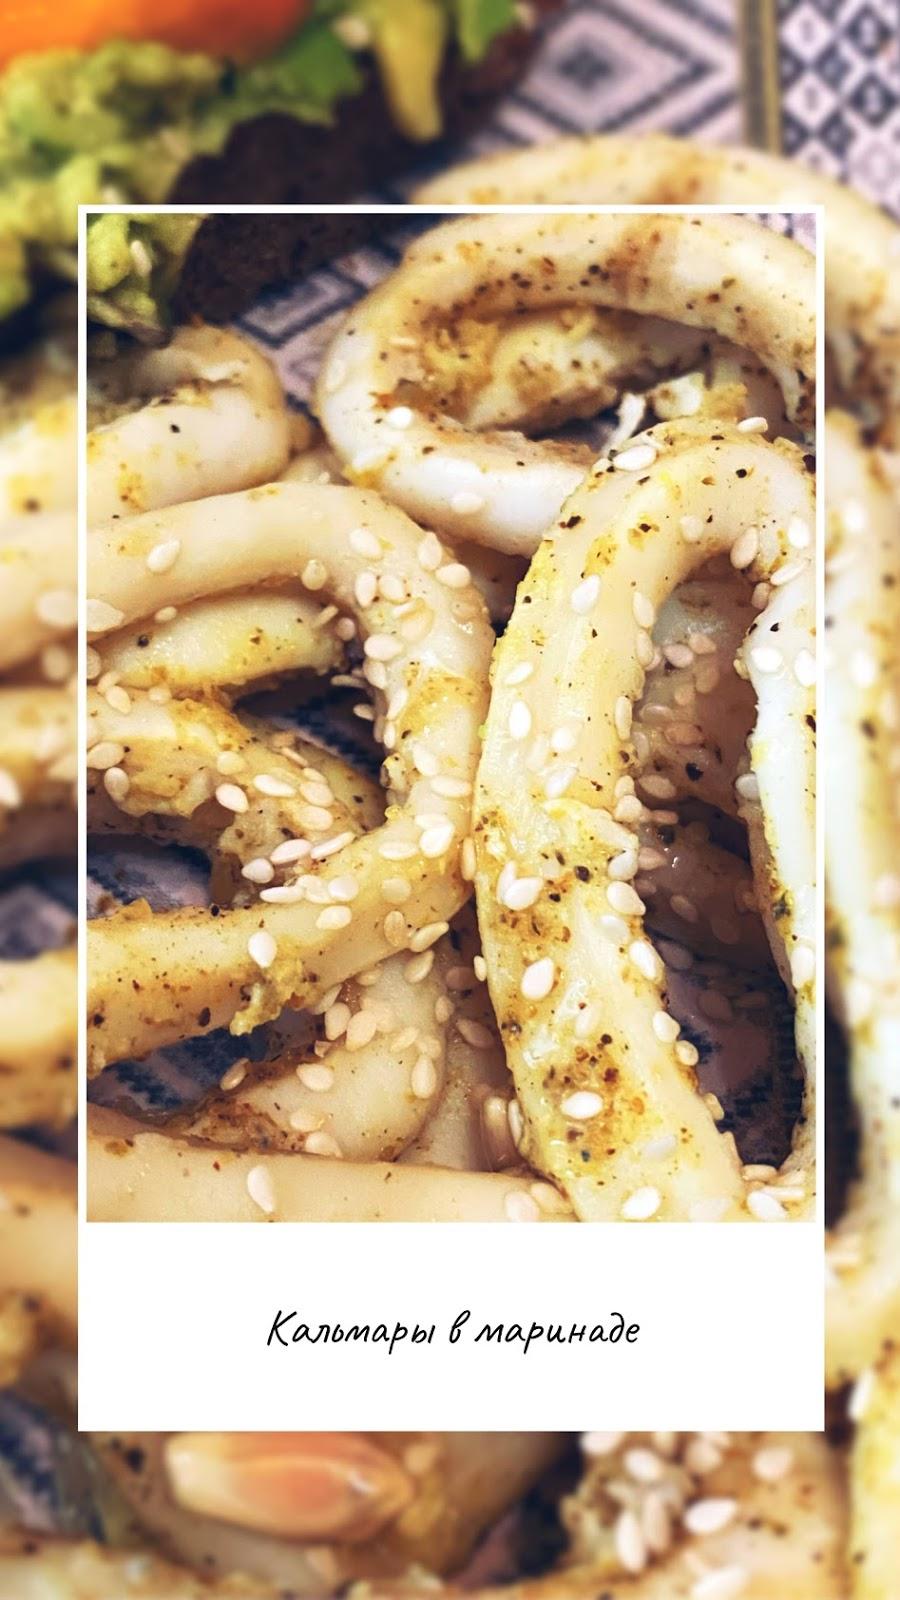 Кальмары в маринаде за 5 минут